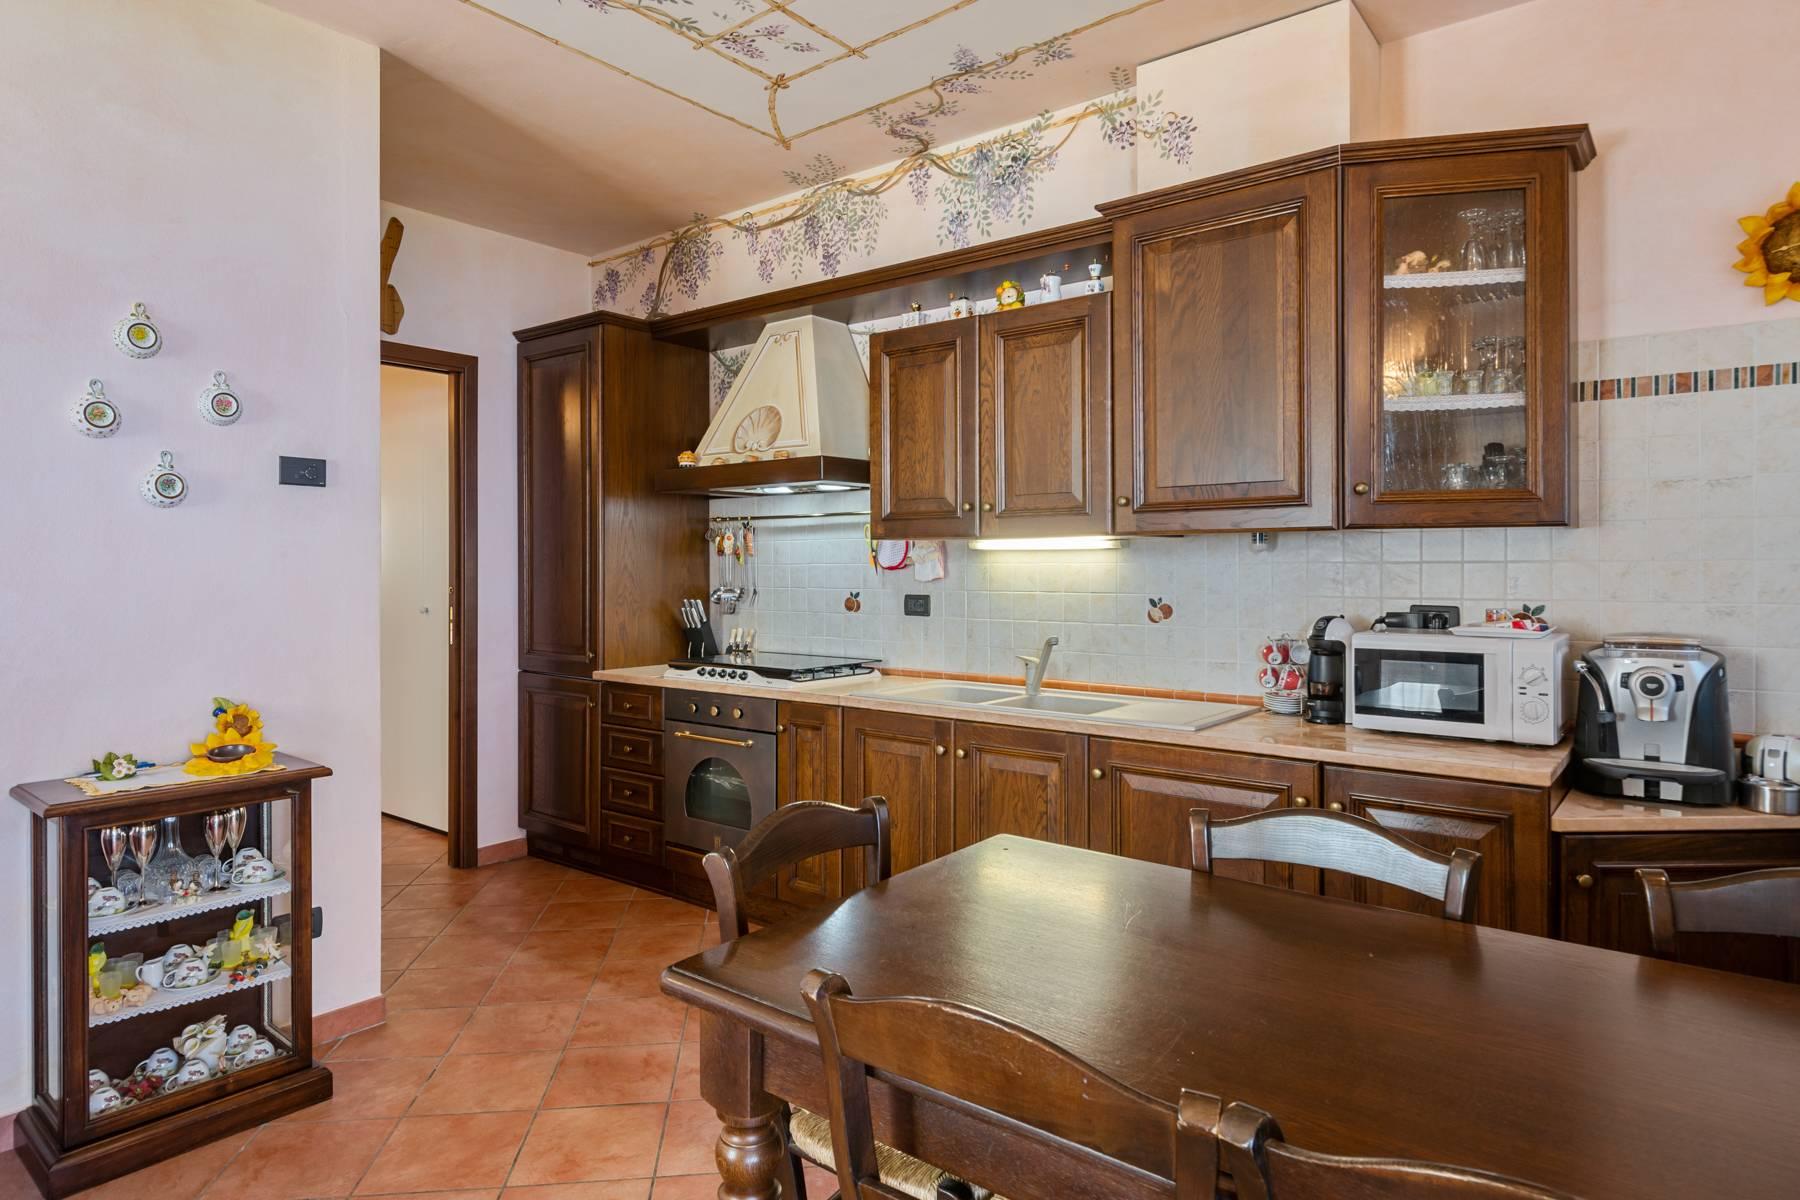 Casa indipendente in Vendita a Toscolano-Maderno: 4 locali, 76 mq - Foto 7